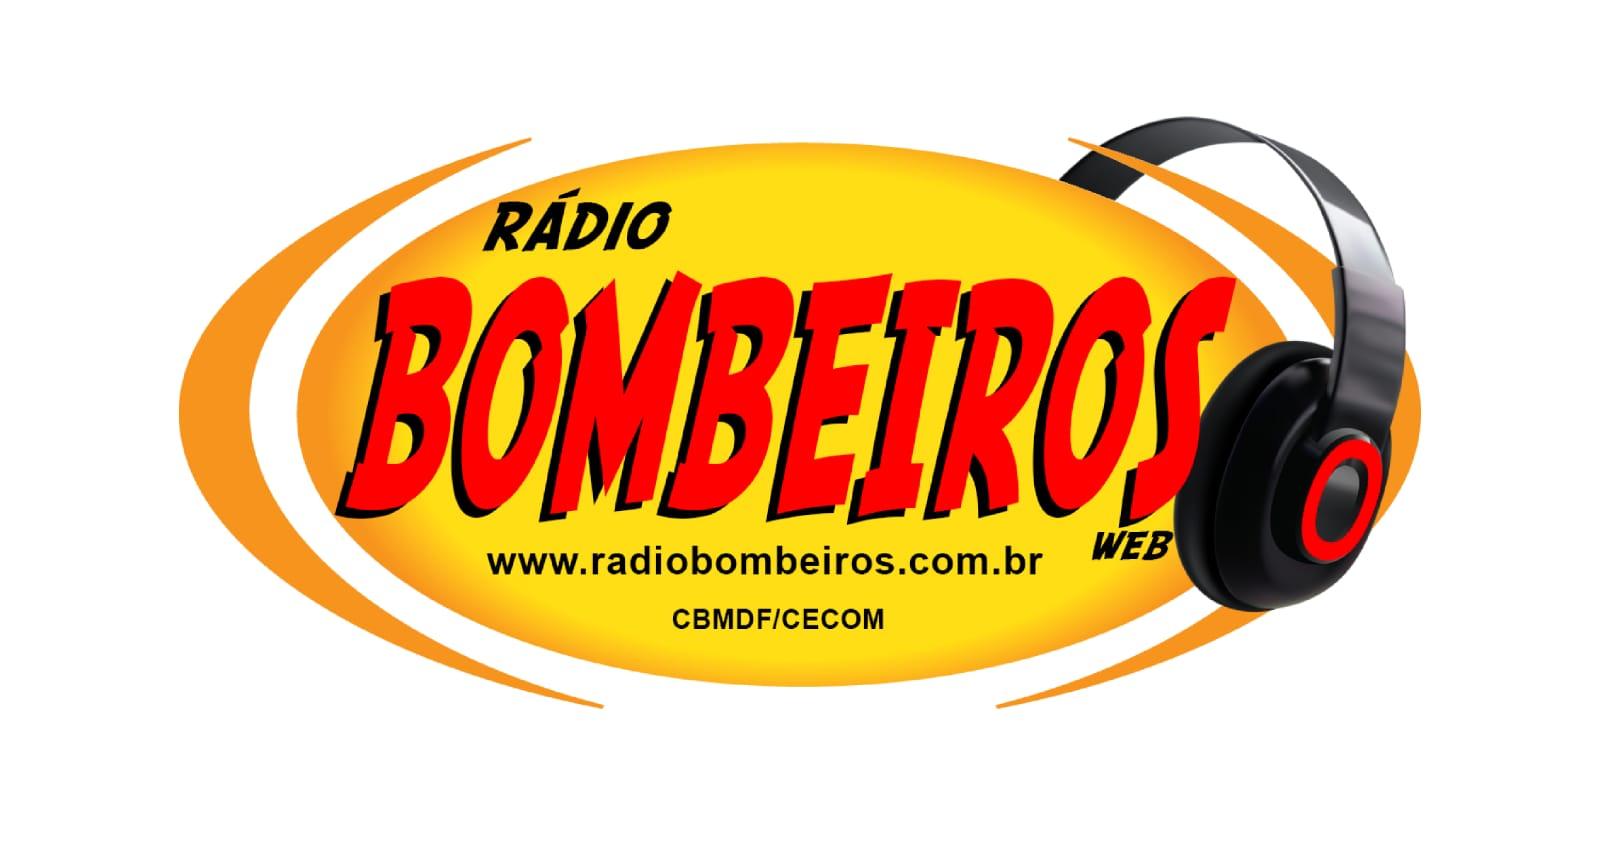 radio bombeiros radiobombeiros